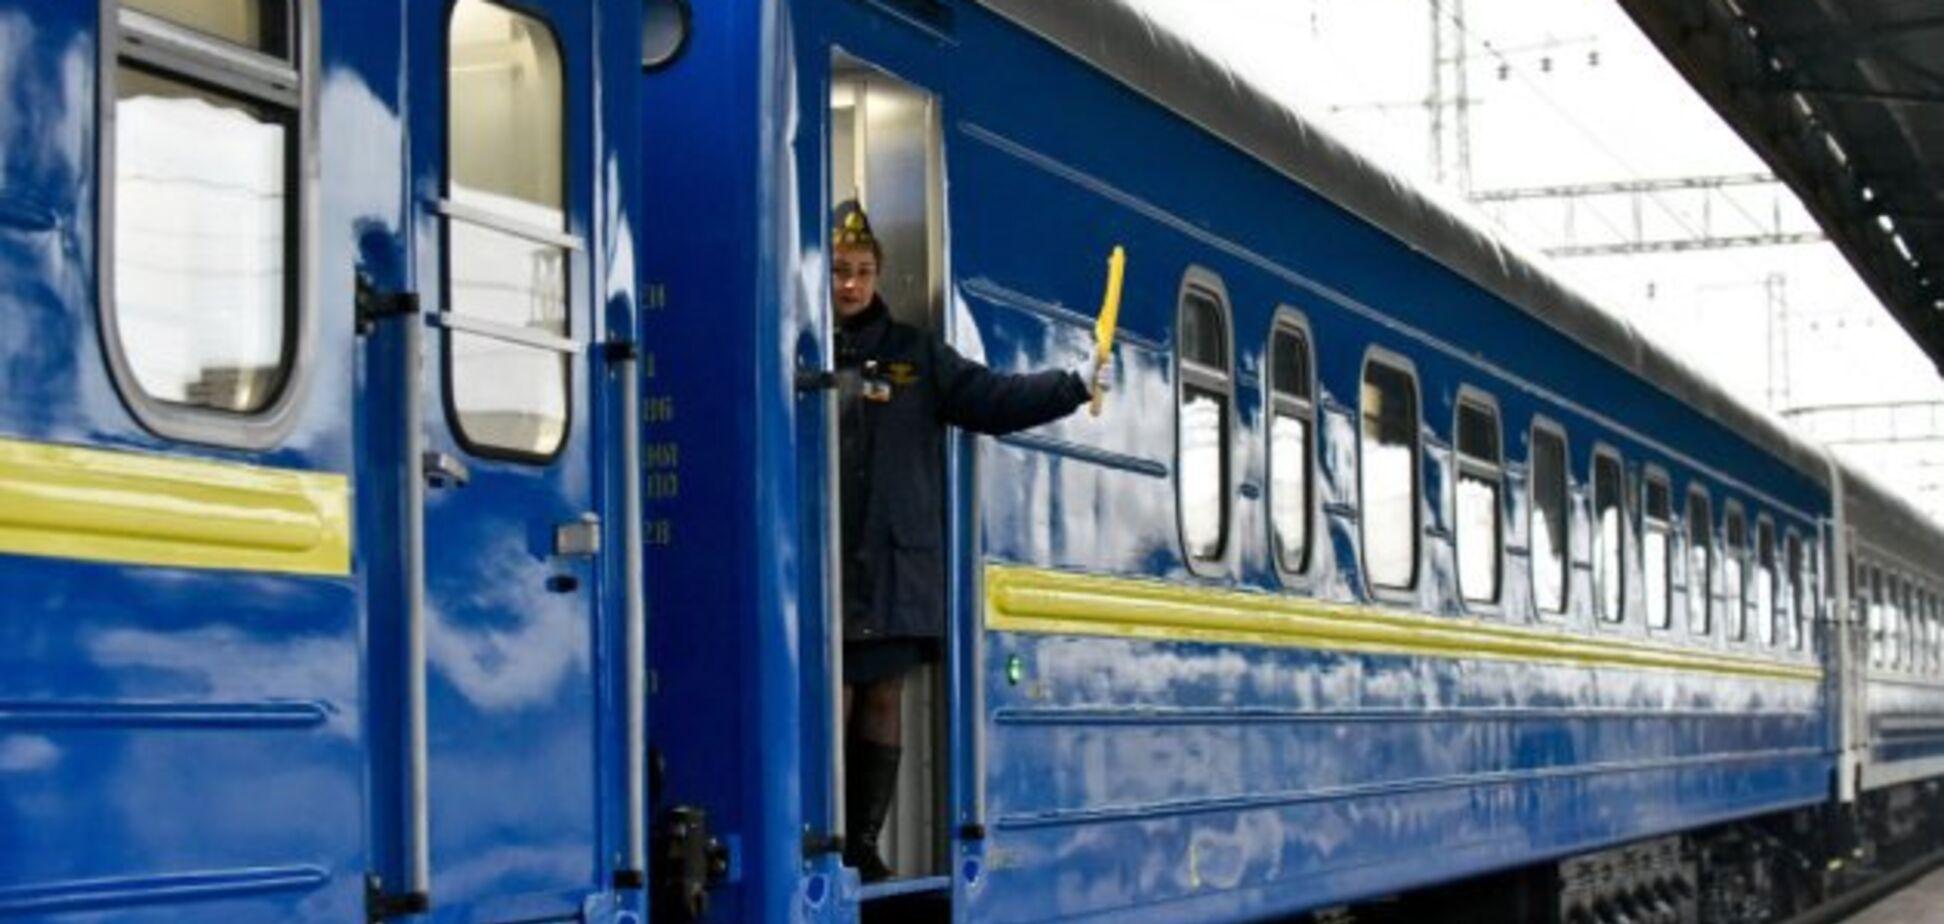 Сотрудничество с Deutsche Bahn приведет УЗ к европейским нормам, – советник премьера Юрий Голик